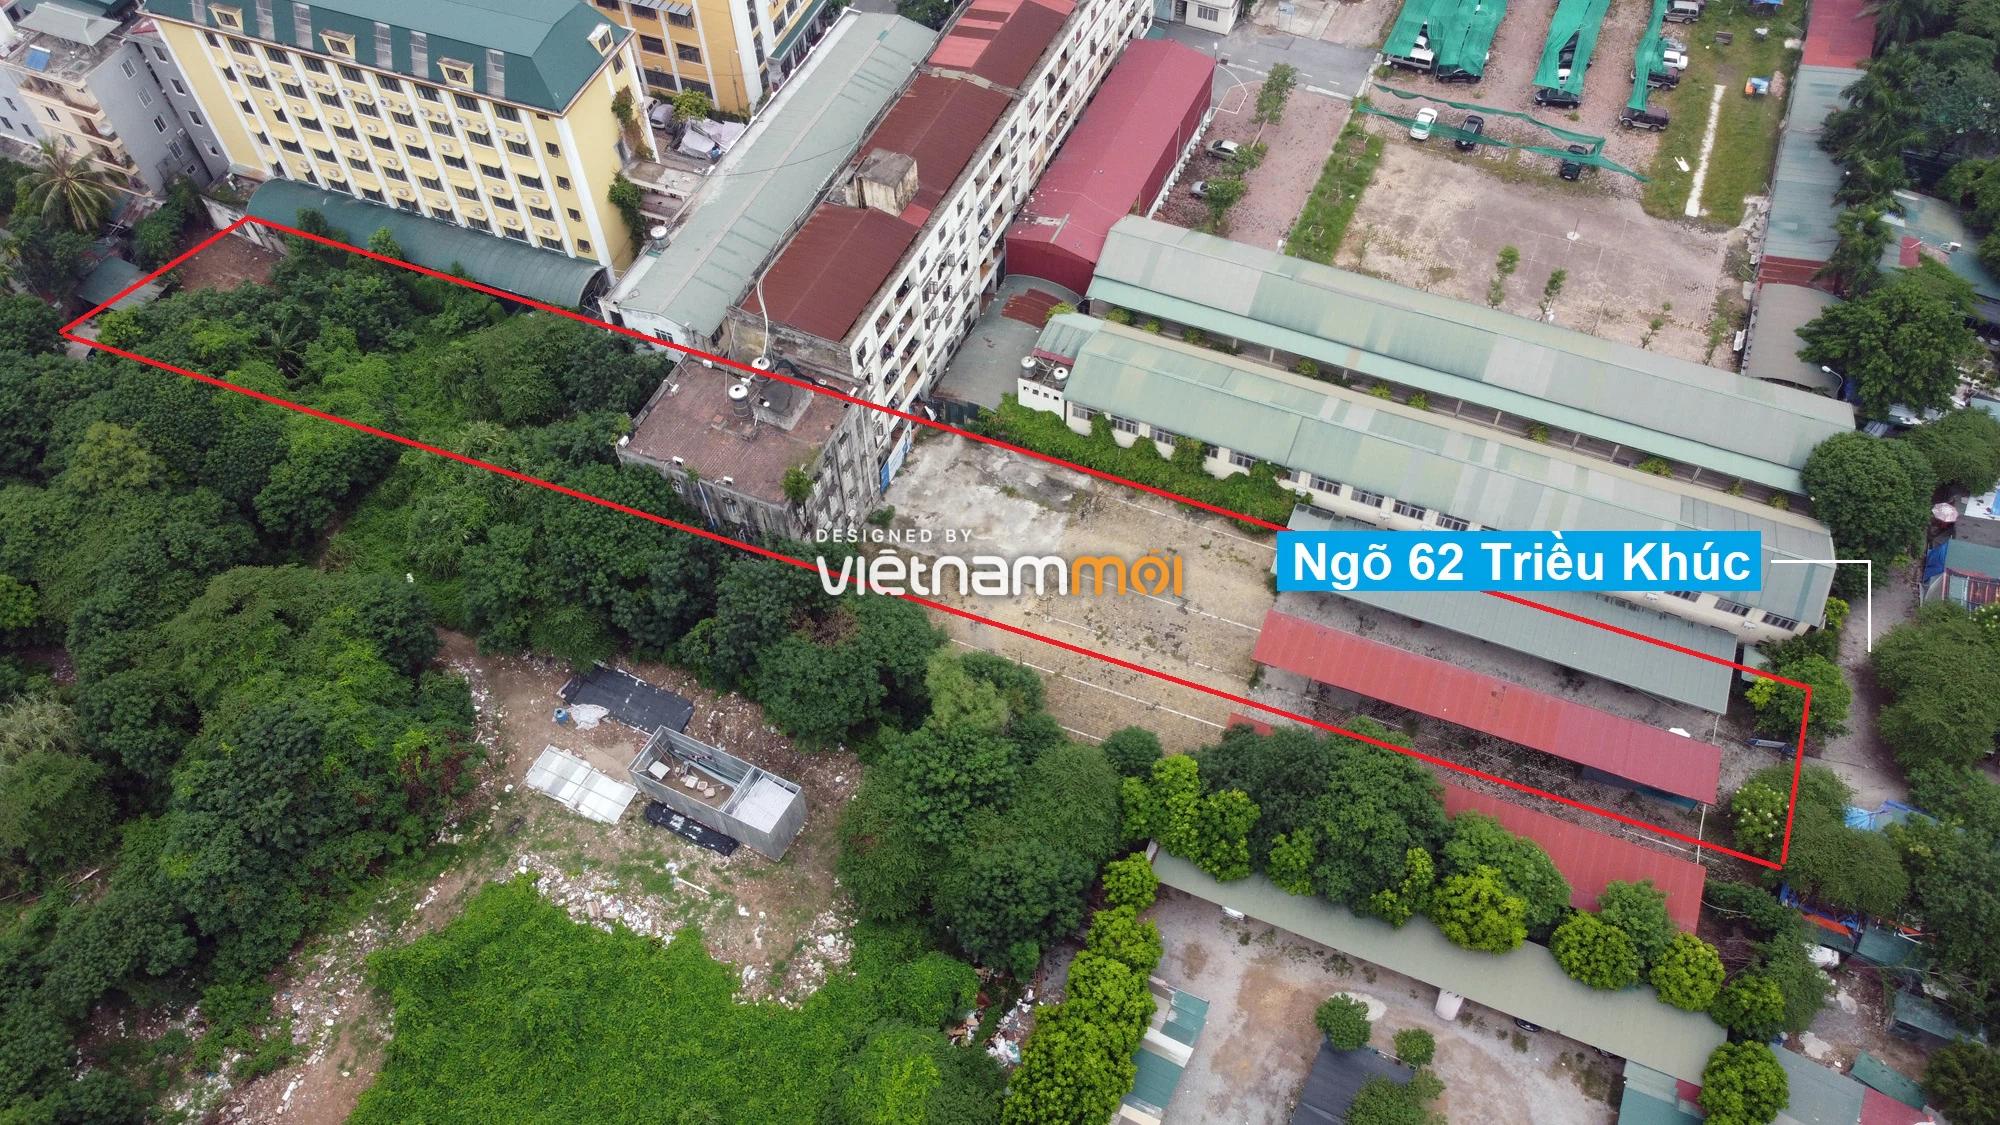 Những khu đất sắp thu hồi để mở đường ở xã Tân Triều, Thanh Trì, Hà Nội (phần 3) - Ảnh 4.